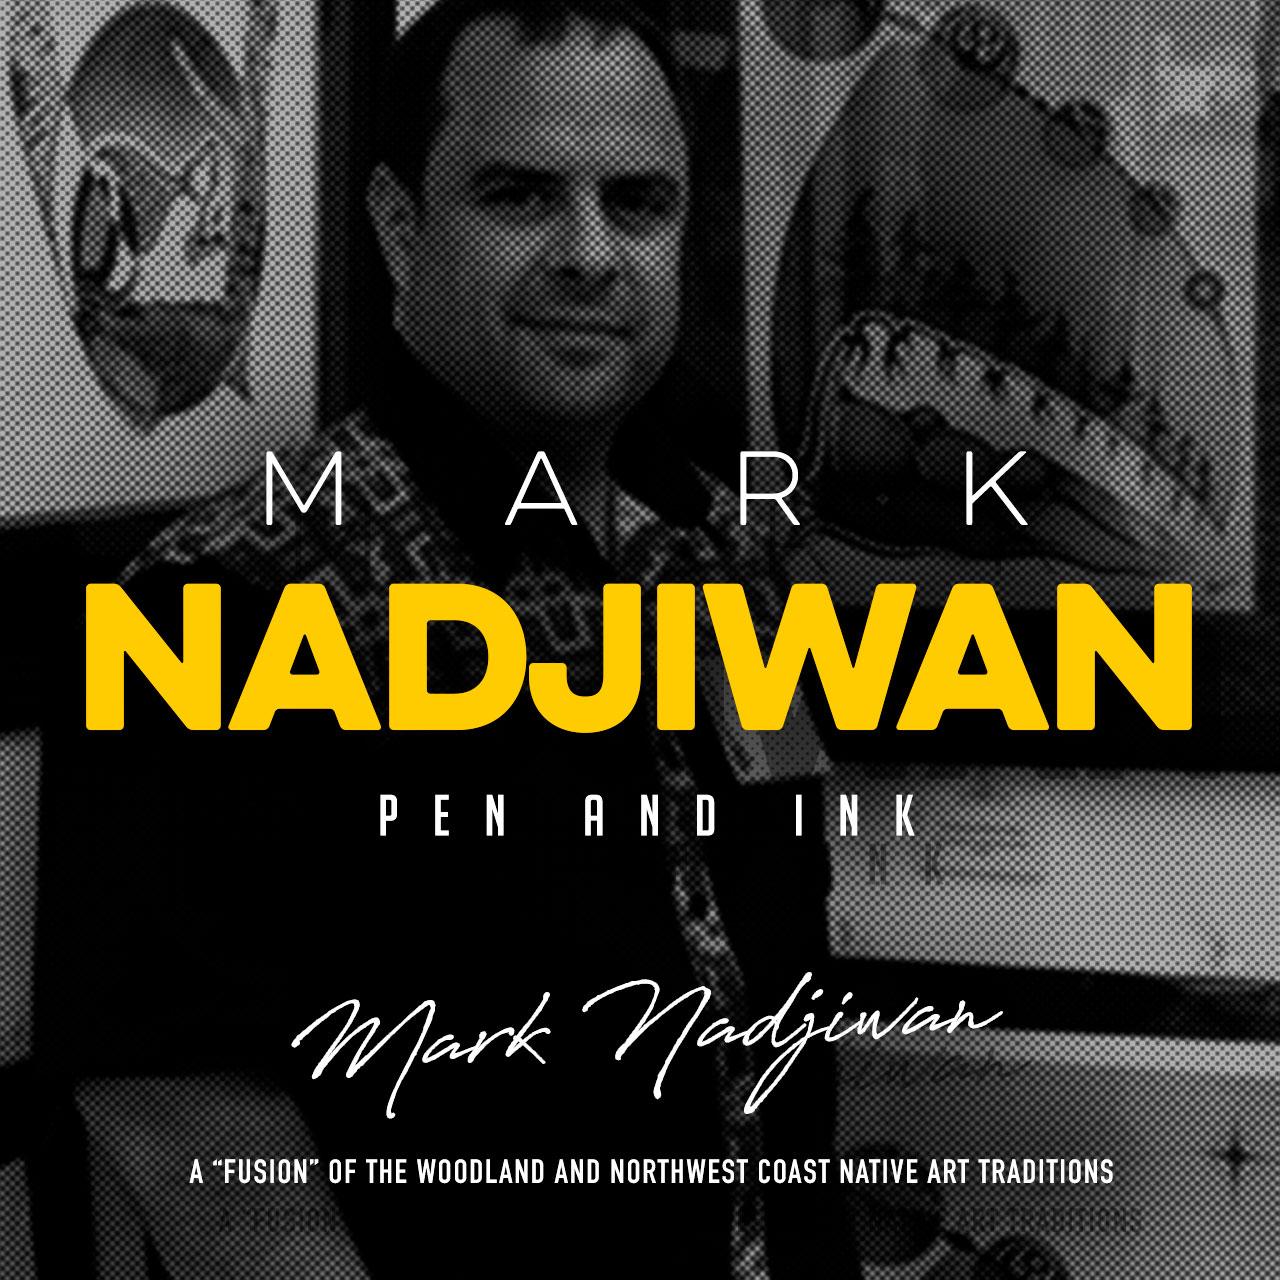 Mark Nadjiwan